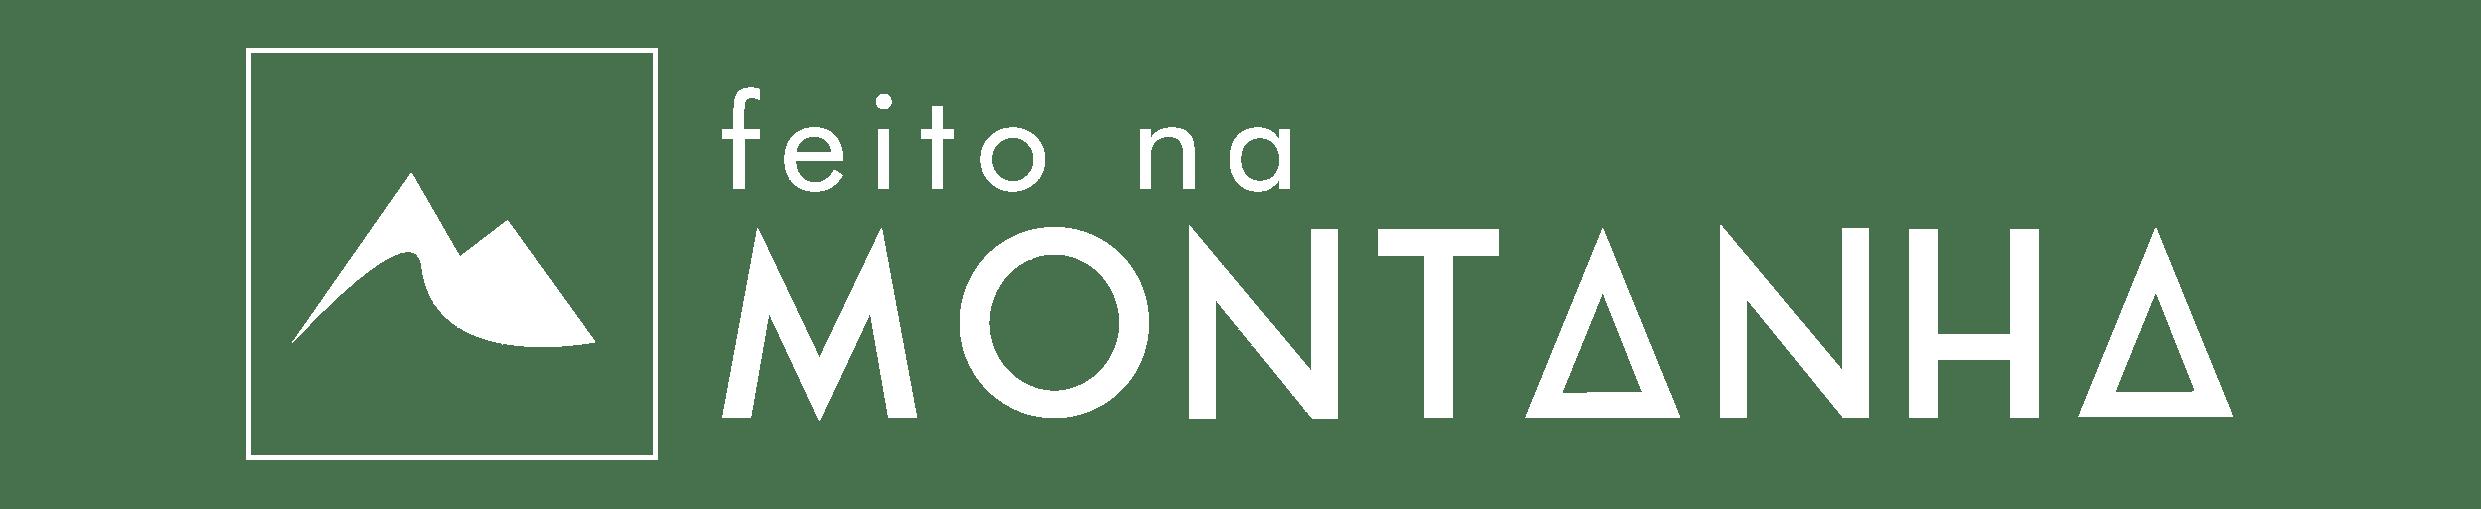 Feito na Montanha